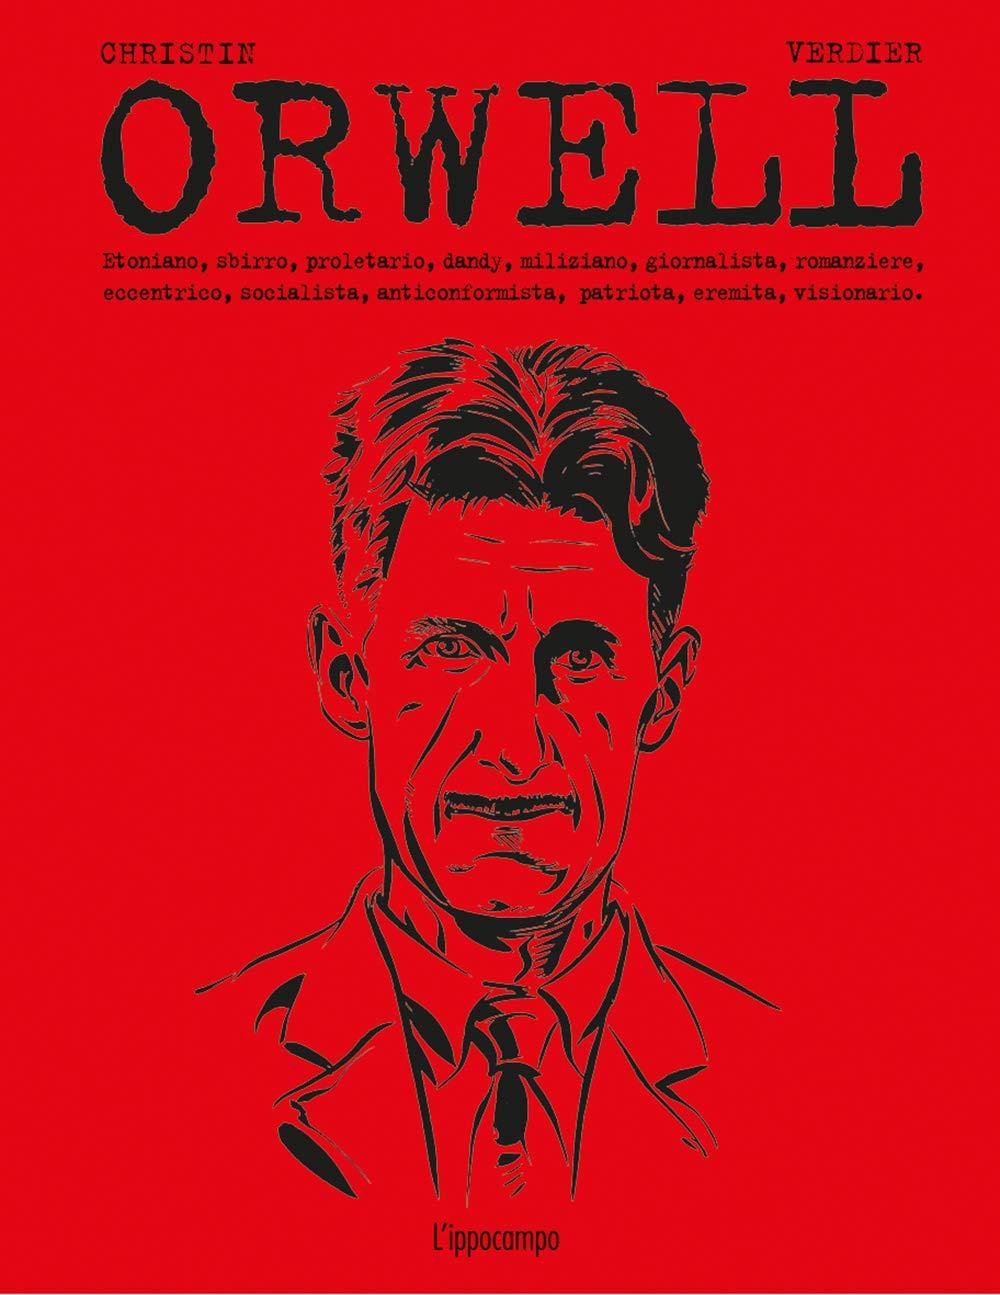 La vida de George Orwell, por Pierre Christin y Sébastien Verdier.